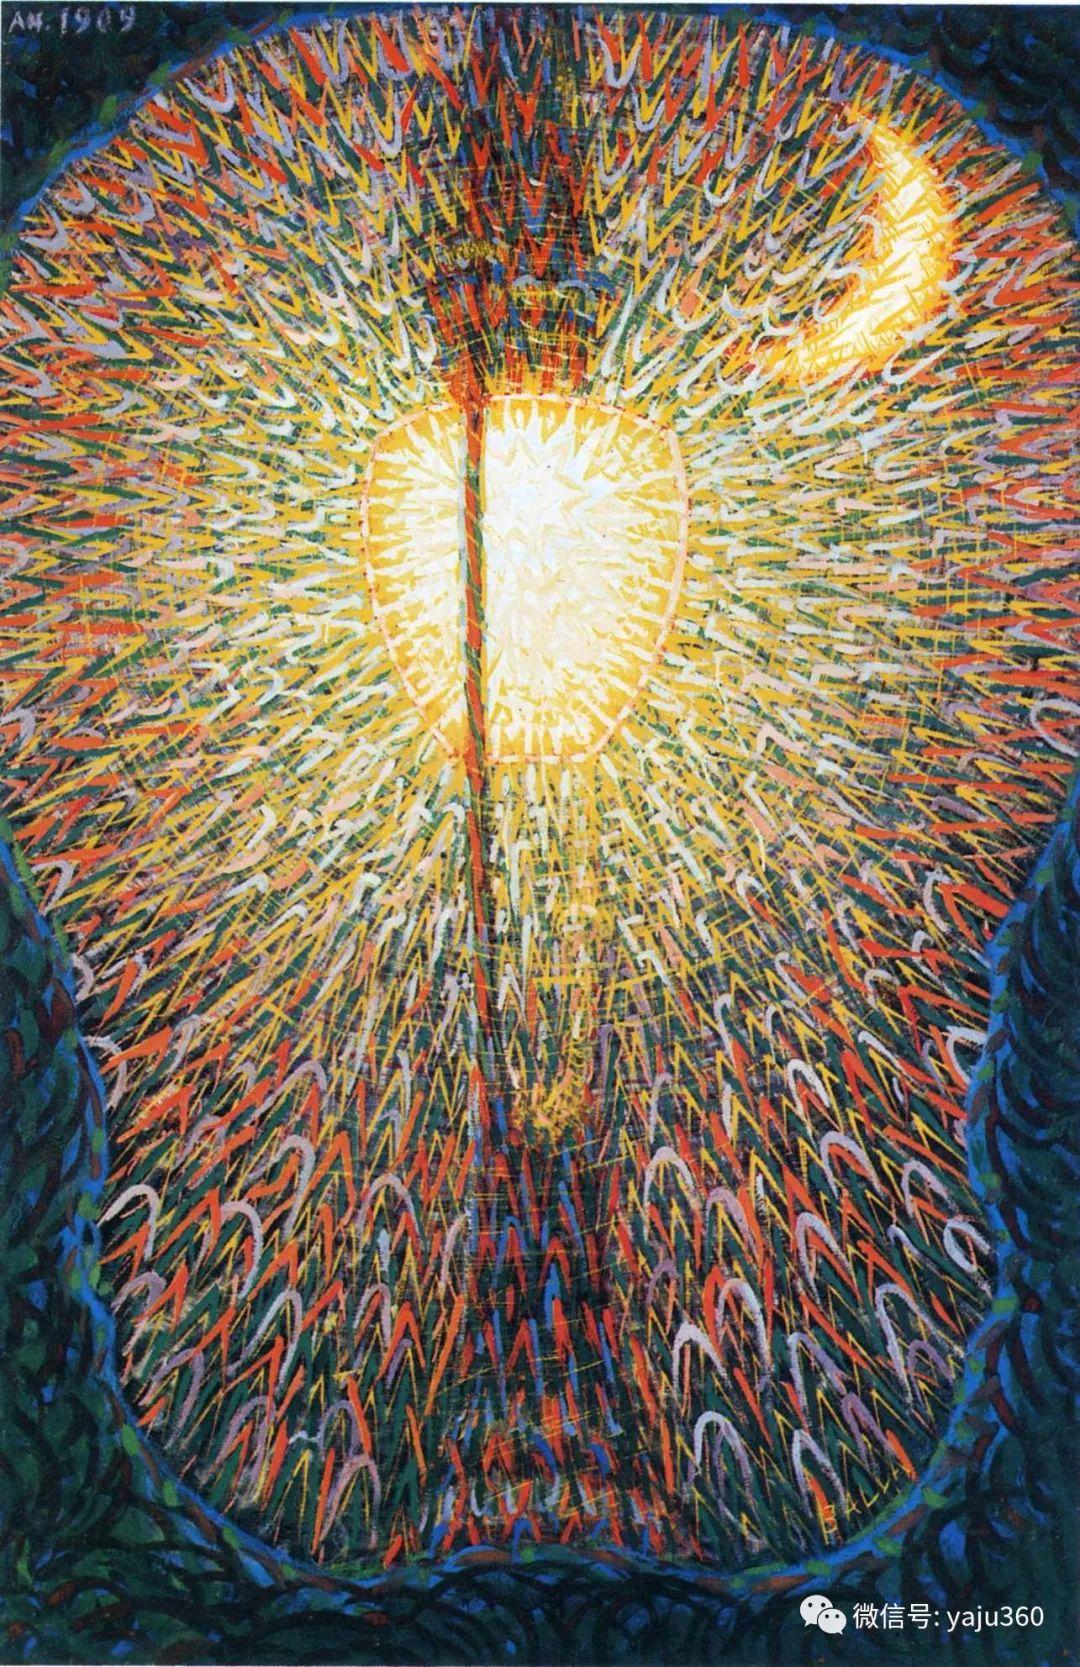 油画世界 意大利Giacomo Balla作品欣赏插图13